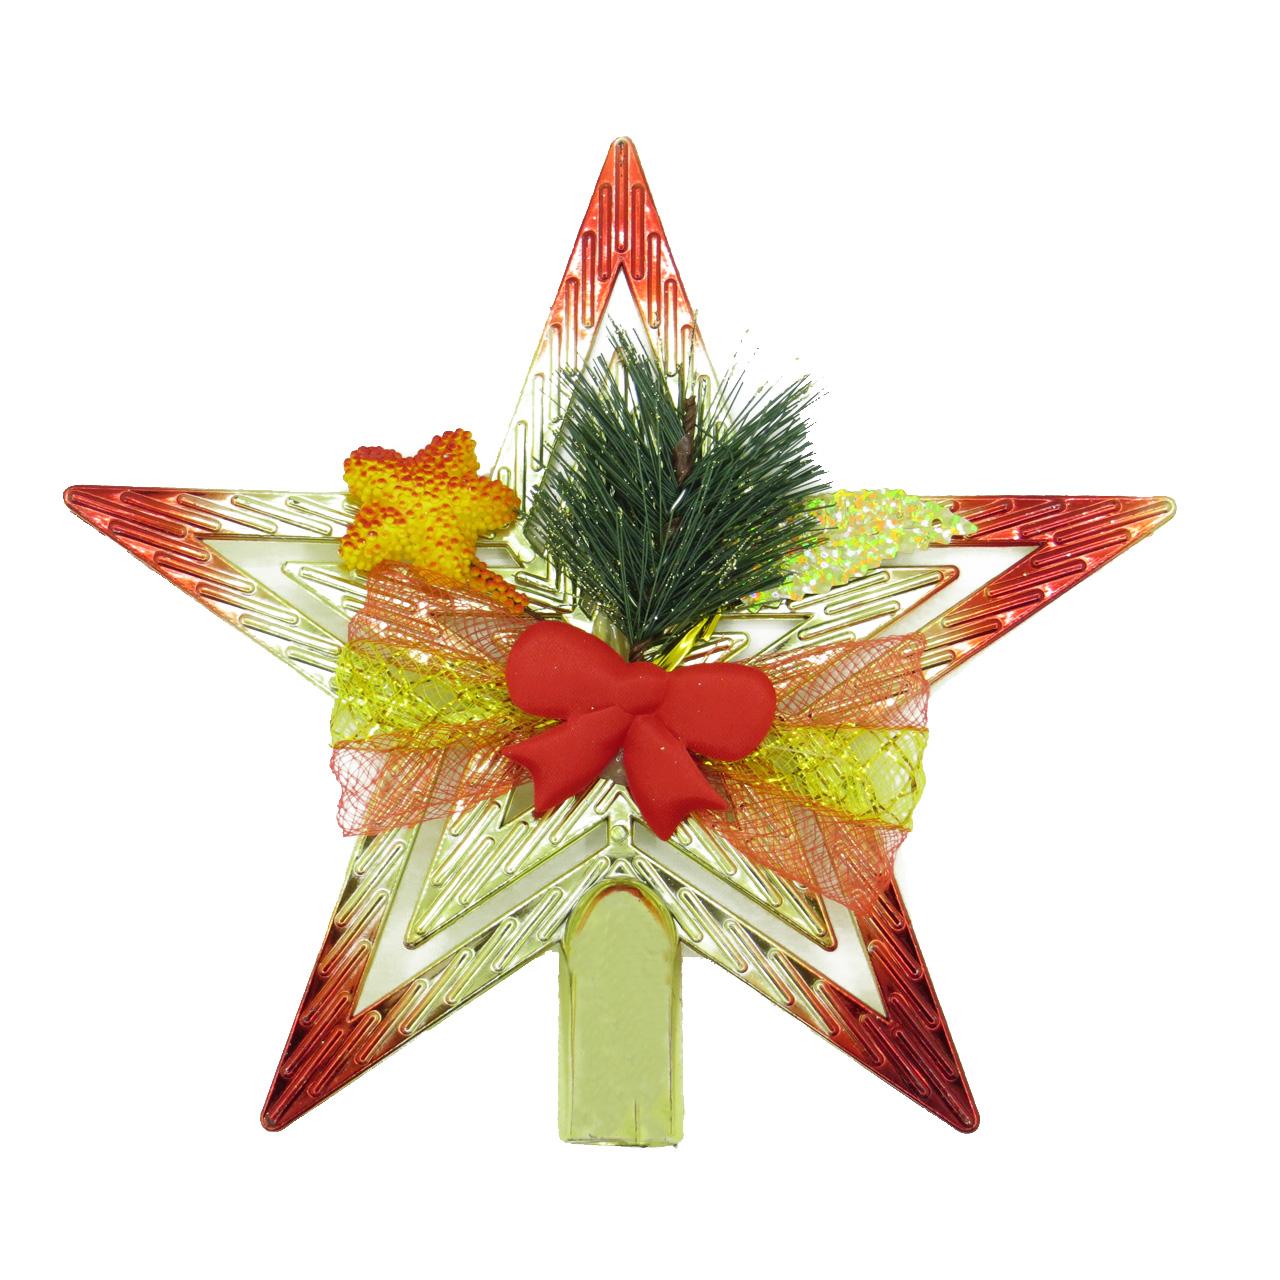 آویز تزیینی مدل ستاره درخت کریسمس